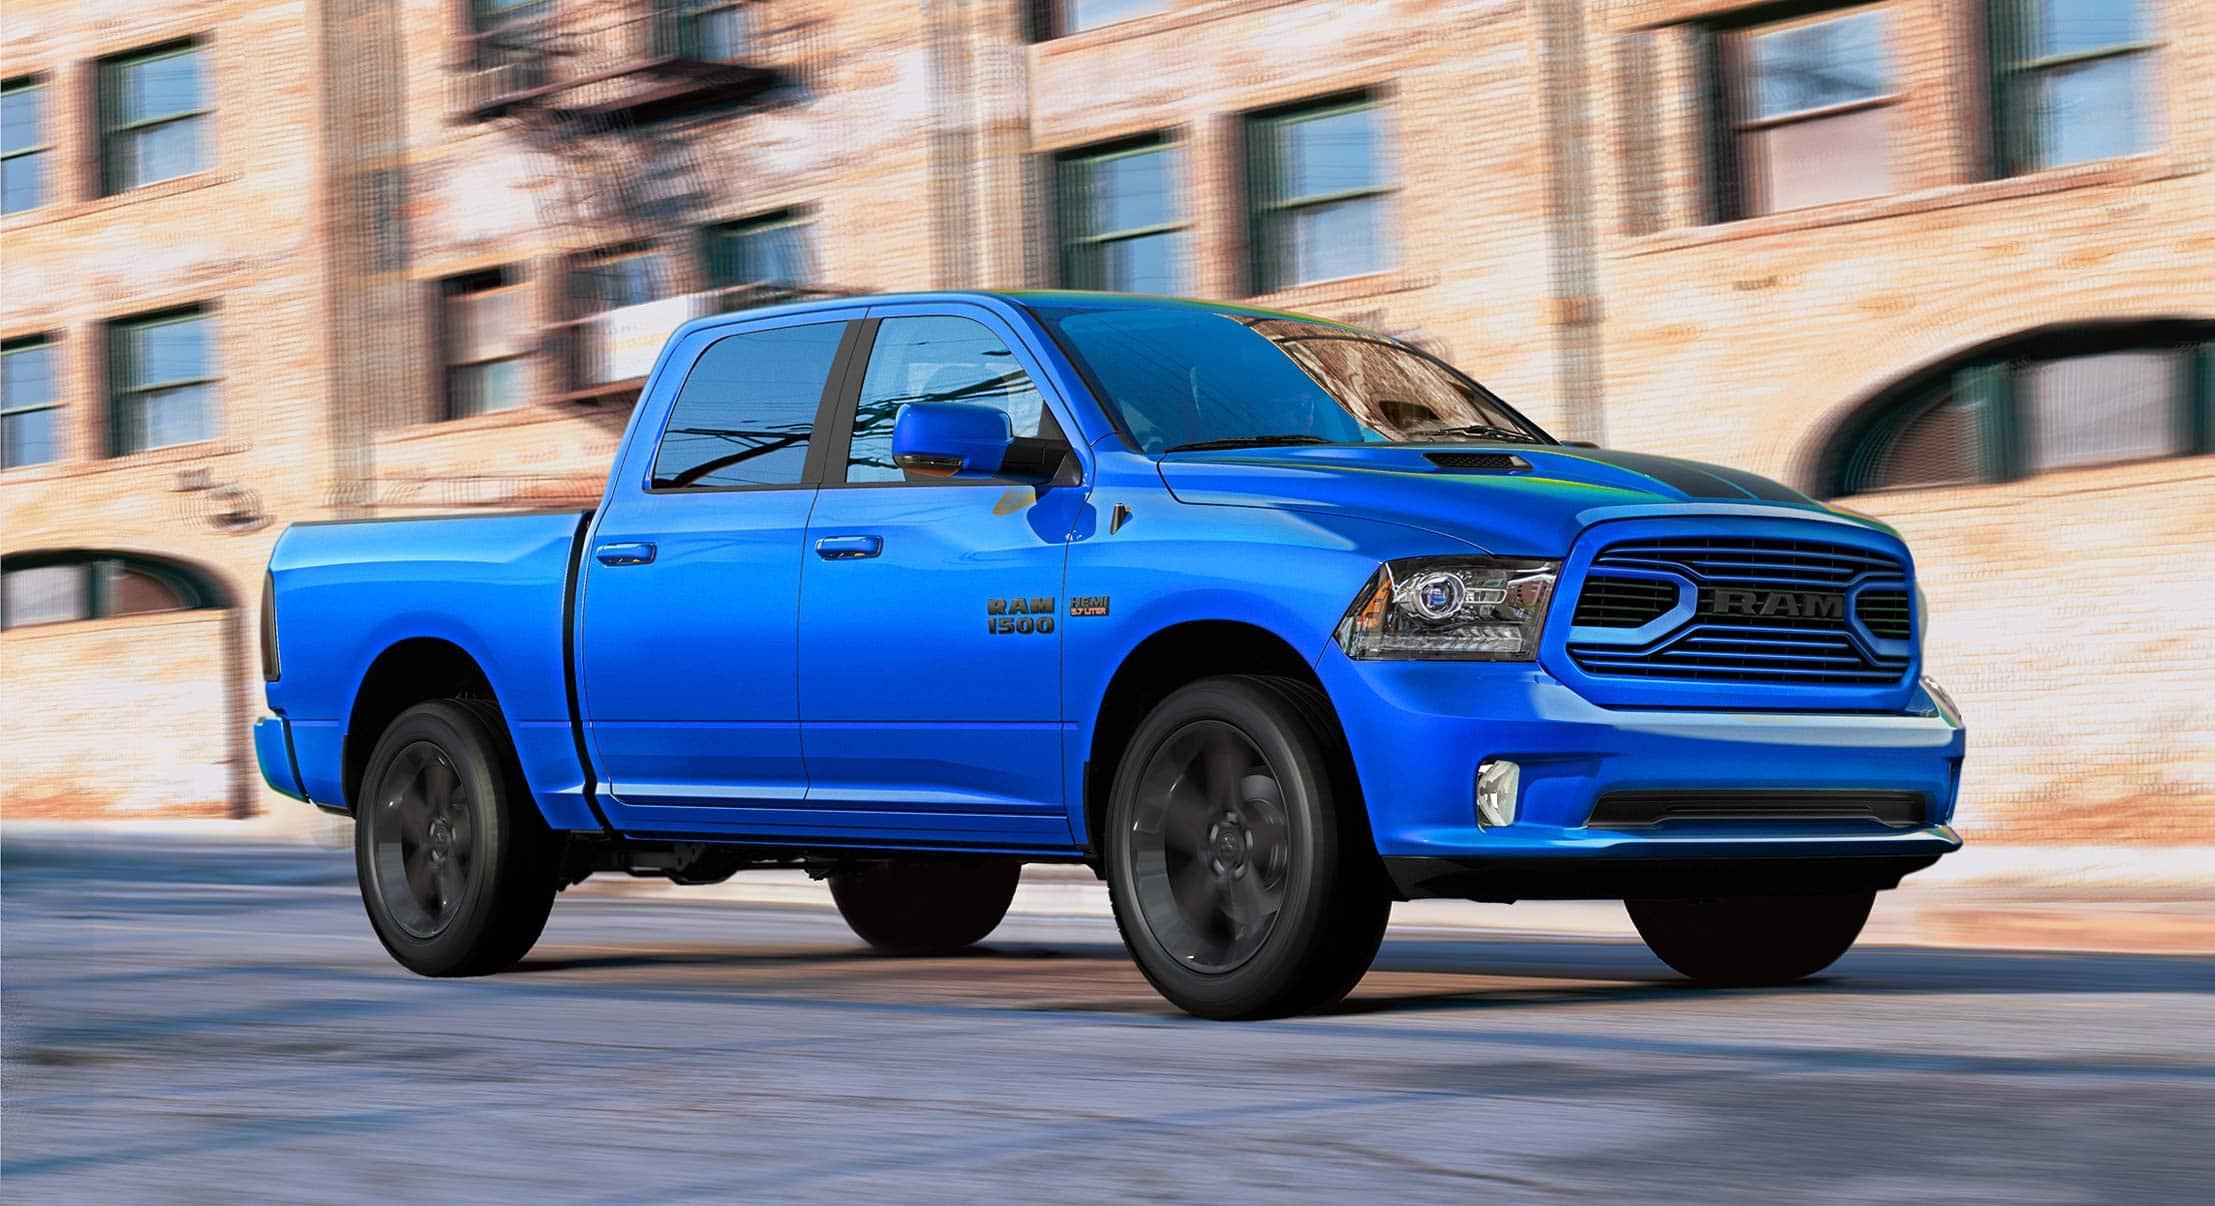 New Dodge Ram Trucks Sport >> Ram Introduces Hydro Blue Sport Model At Reedman Toll Near